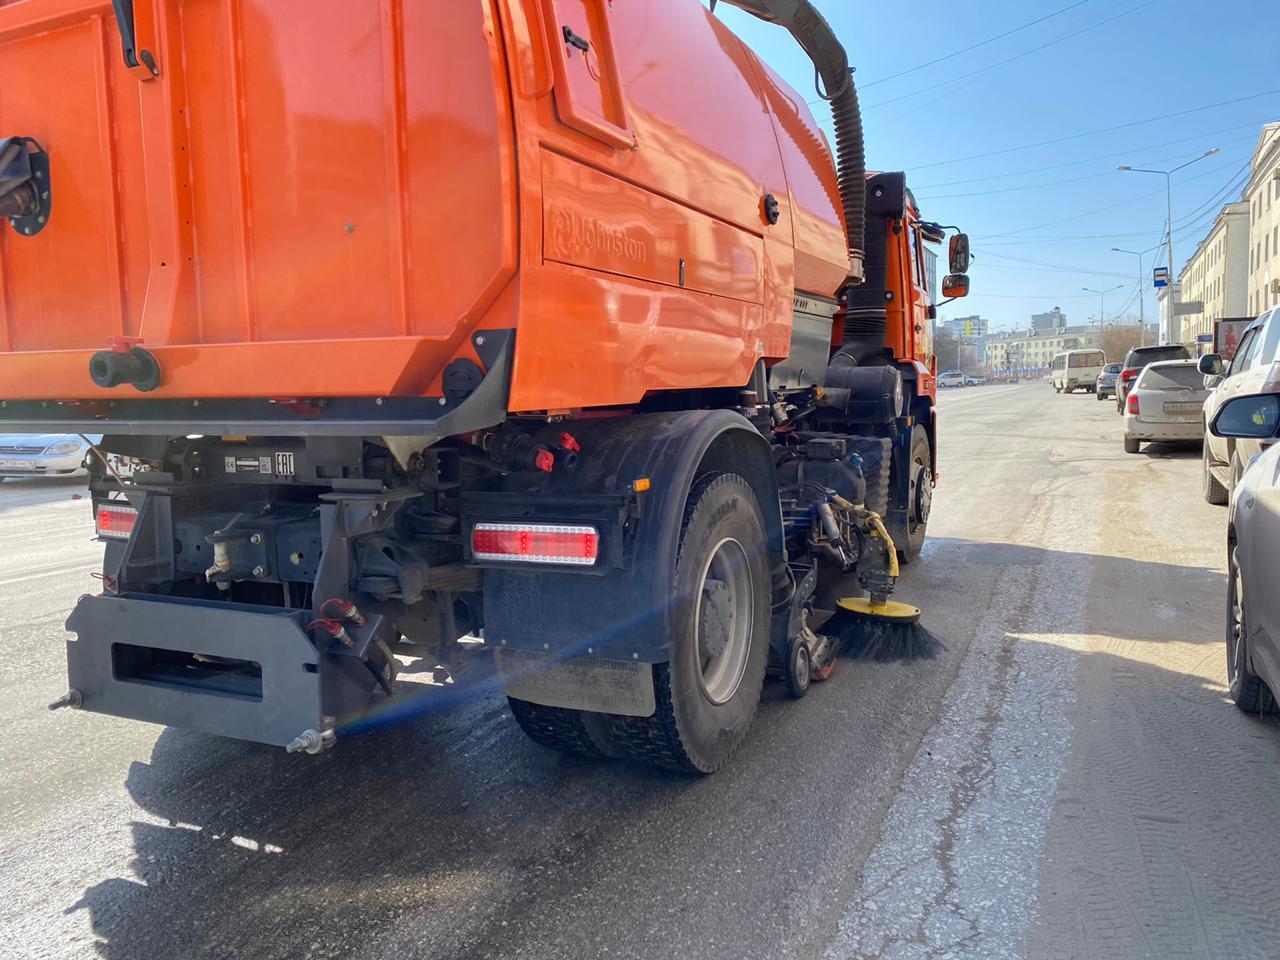 Дорожники Якутска продолжают ямочный ремонт и уборку пыли с улиц